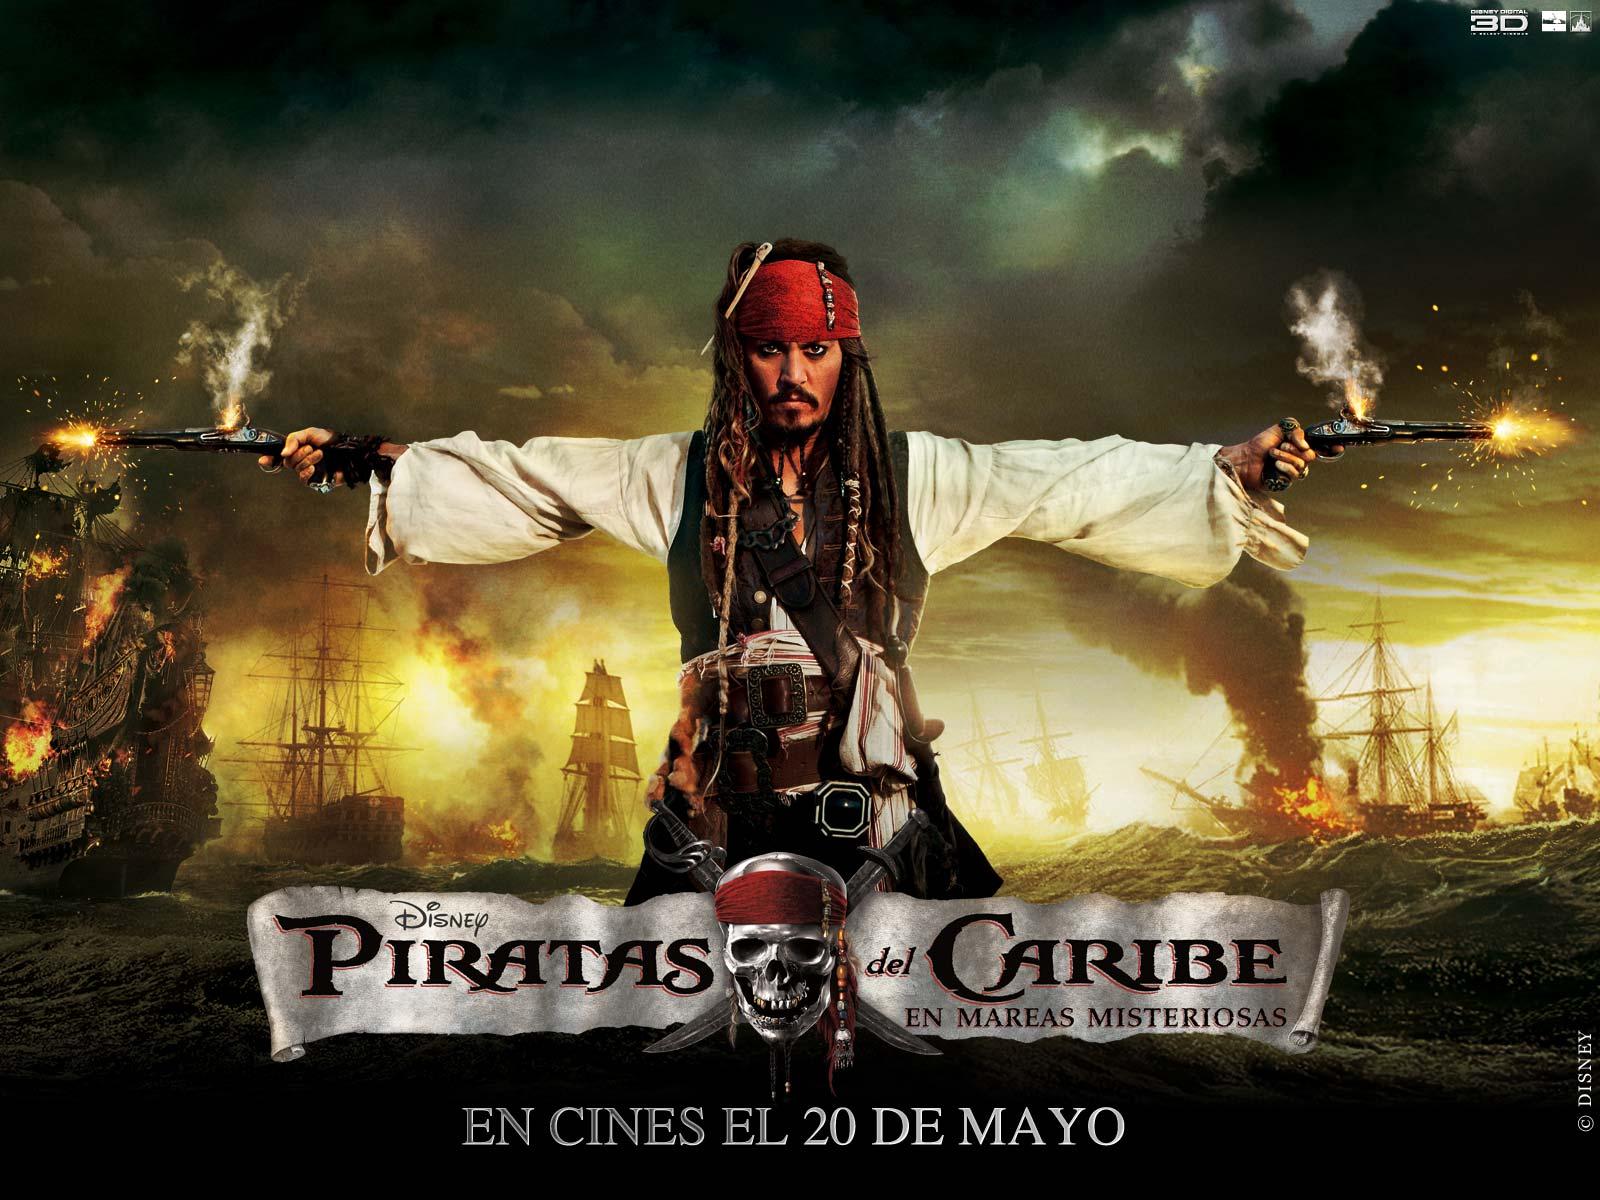 Fotos de piratas del caribe 4 18